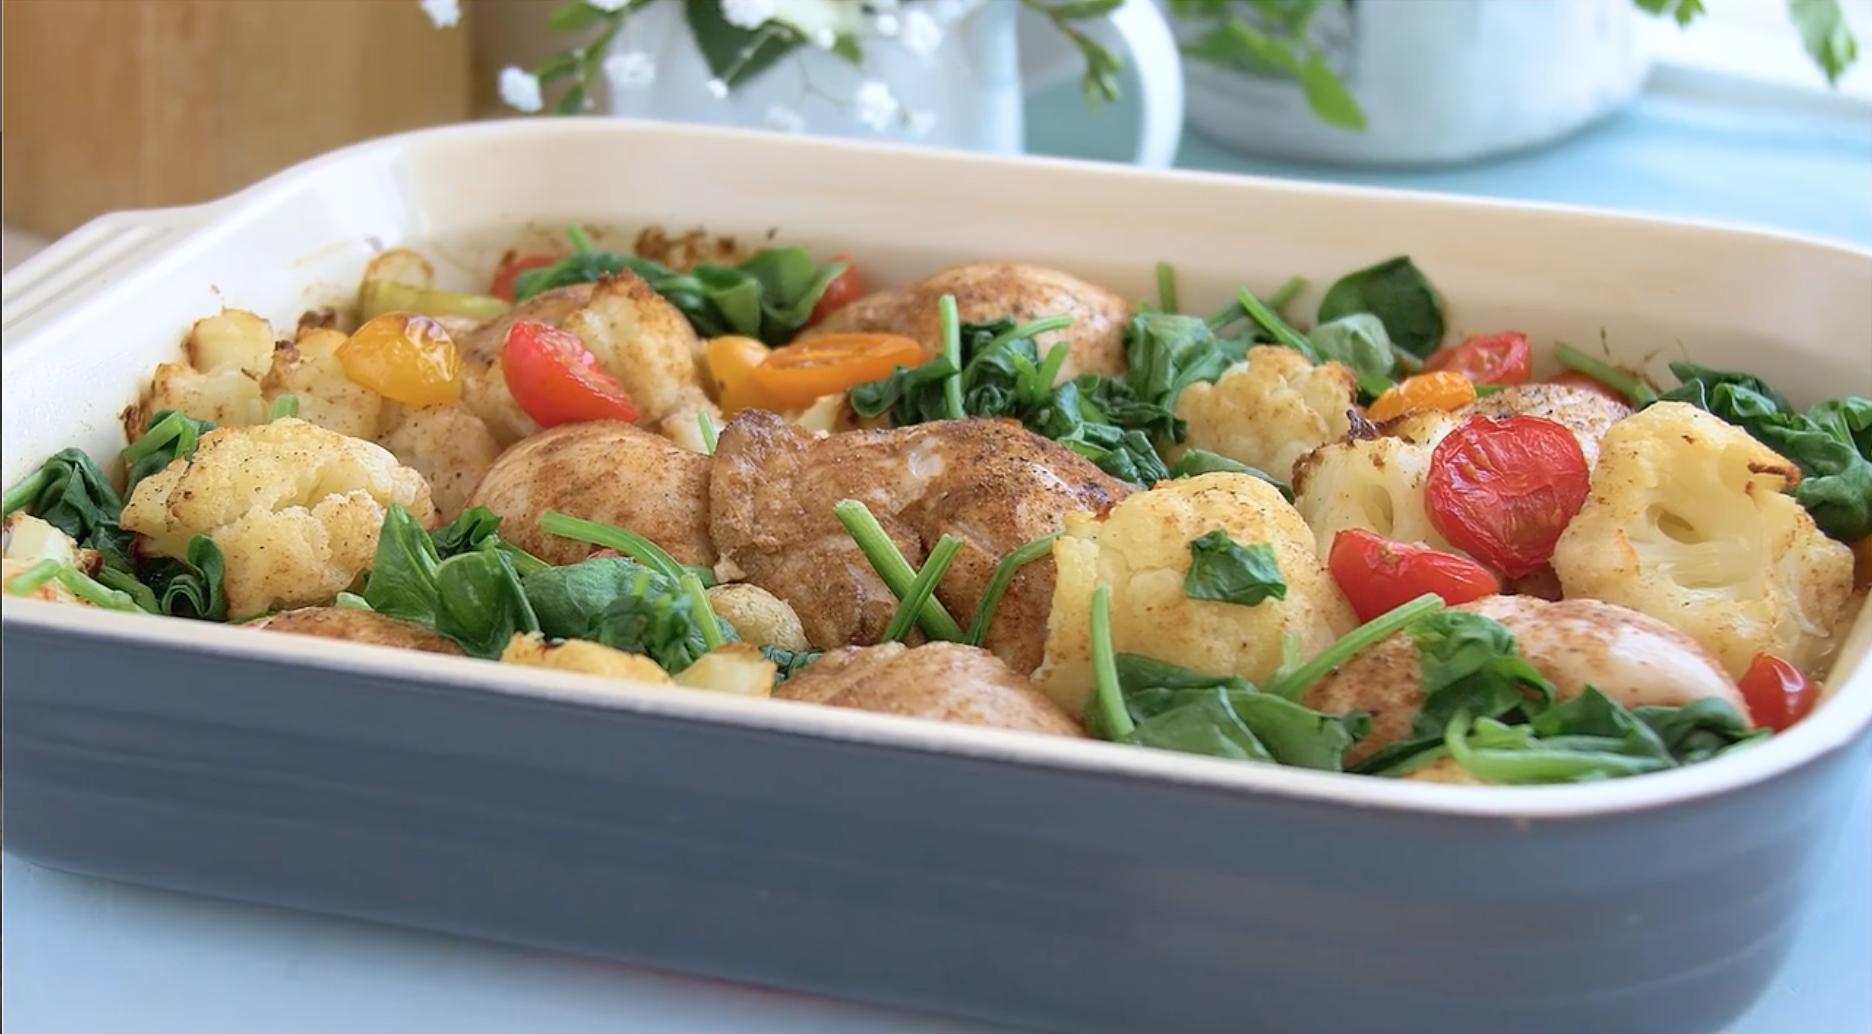 SW recipe: Curried chicken and Cauliflower bake